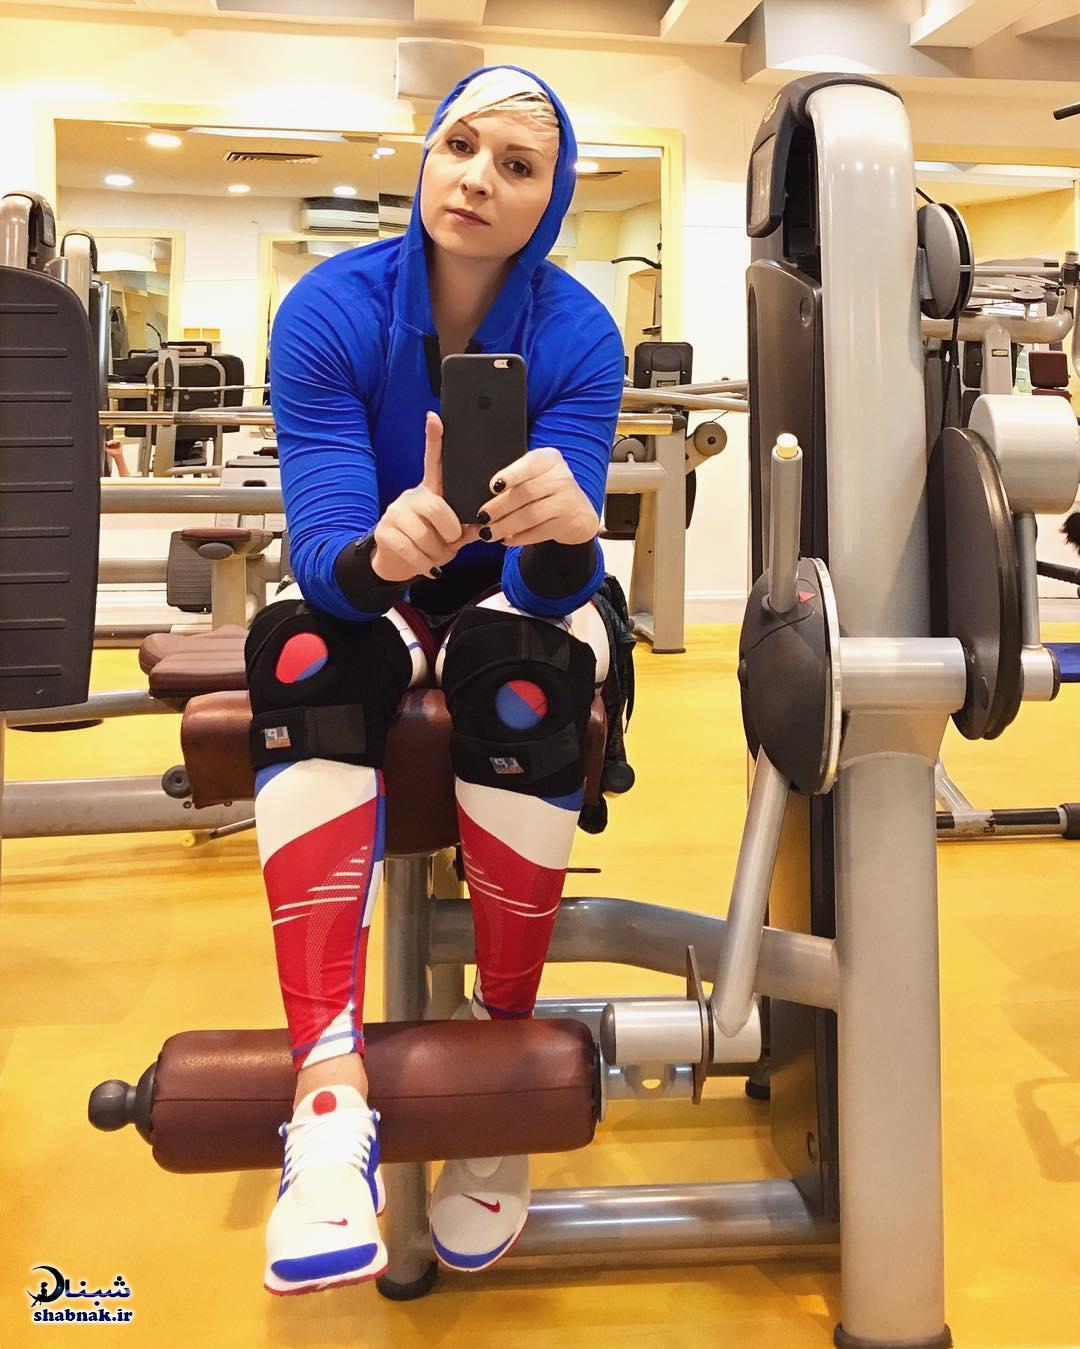 عکس لیلا رجبی ورزشکار